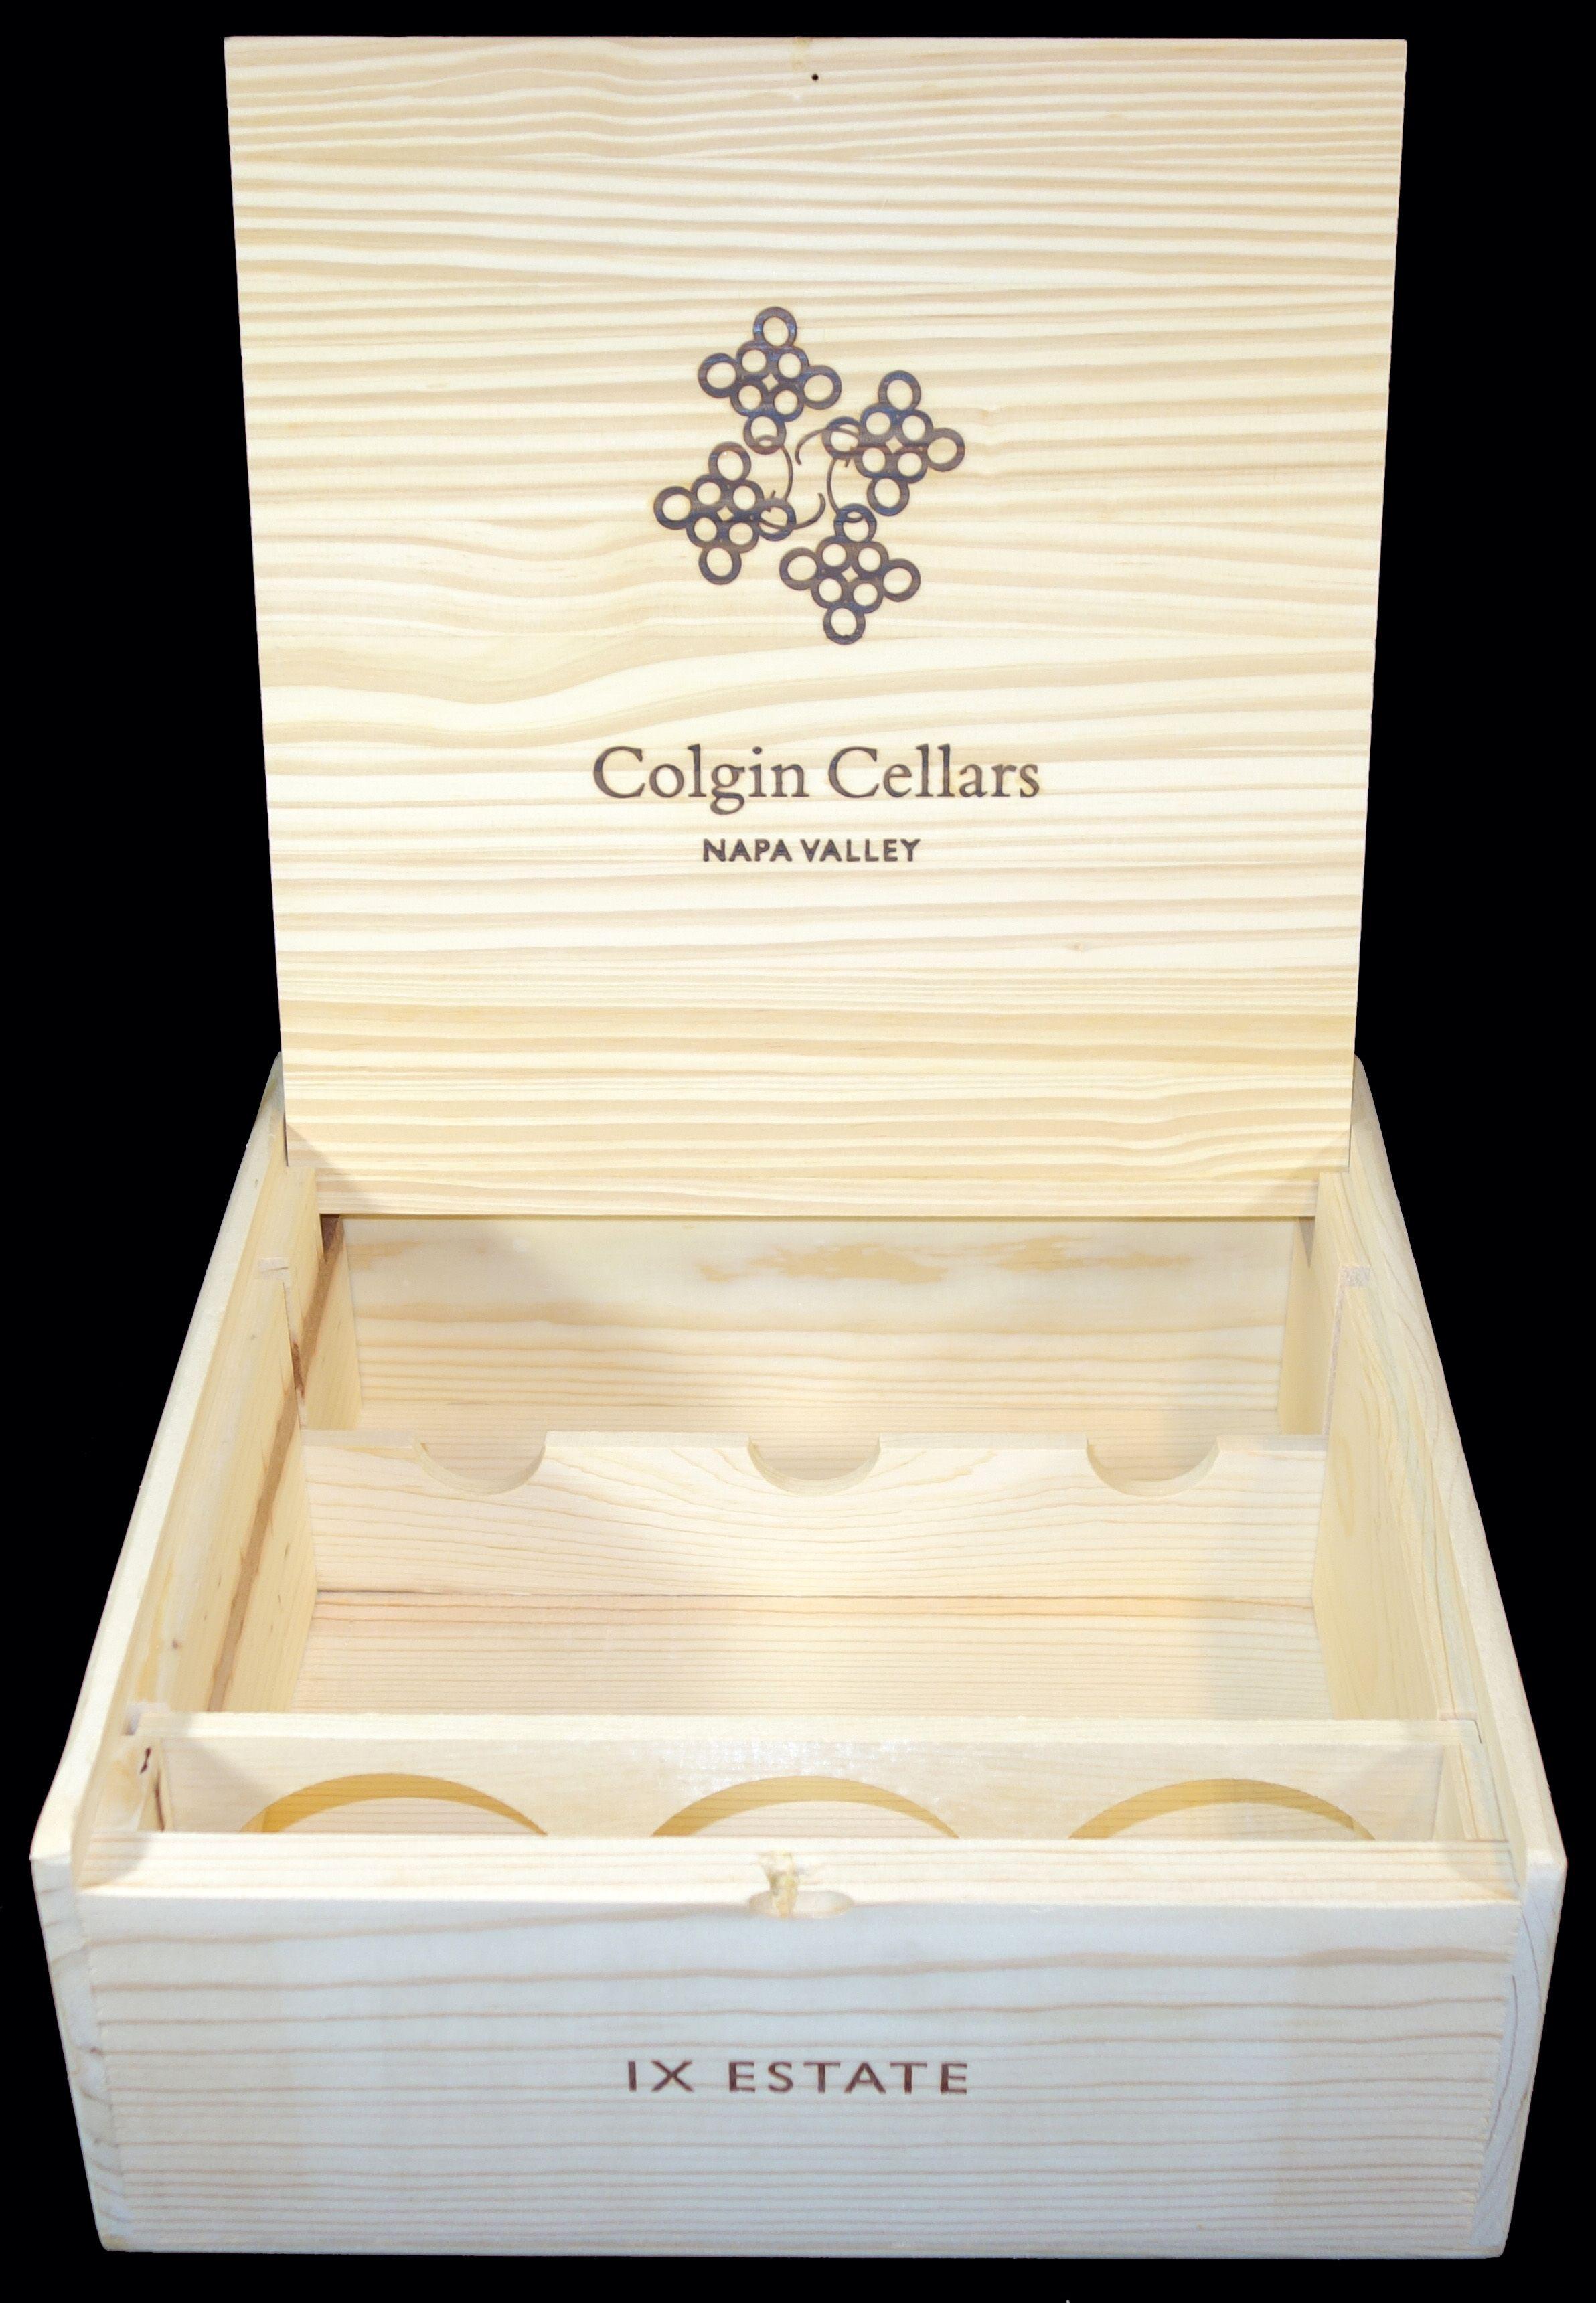 Colgin 3 Bottle Wooden Wine Case Highly Detailed Design On Front